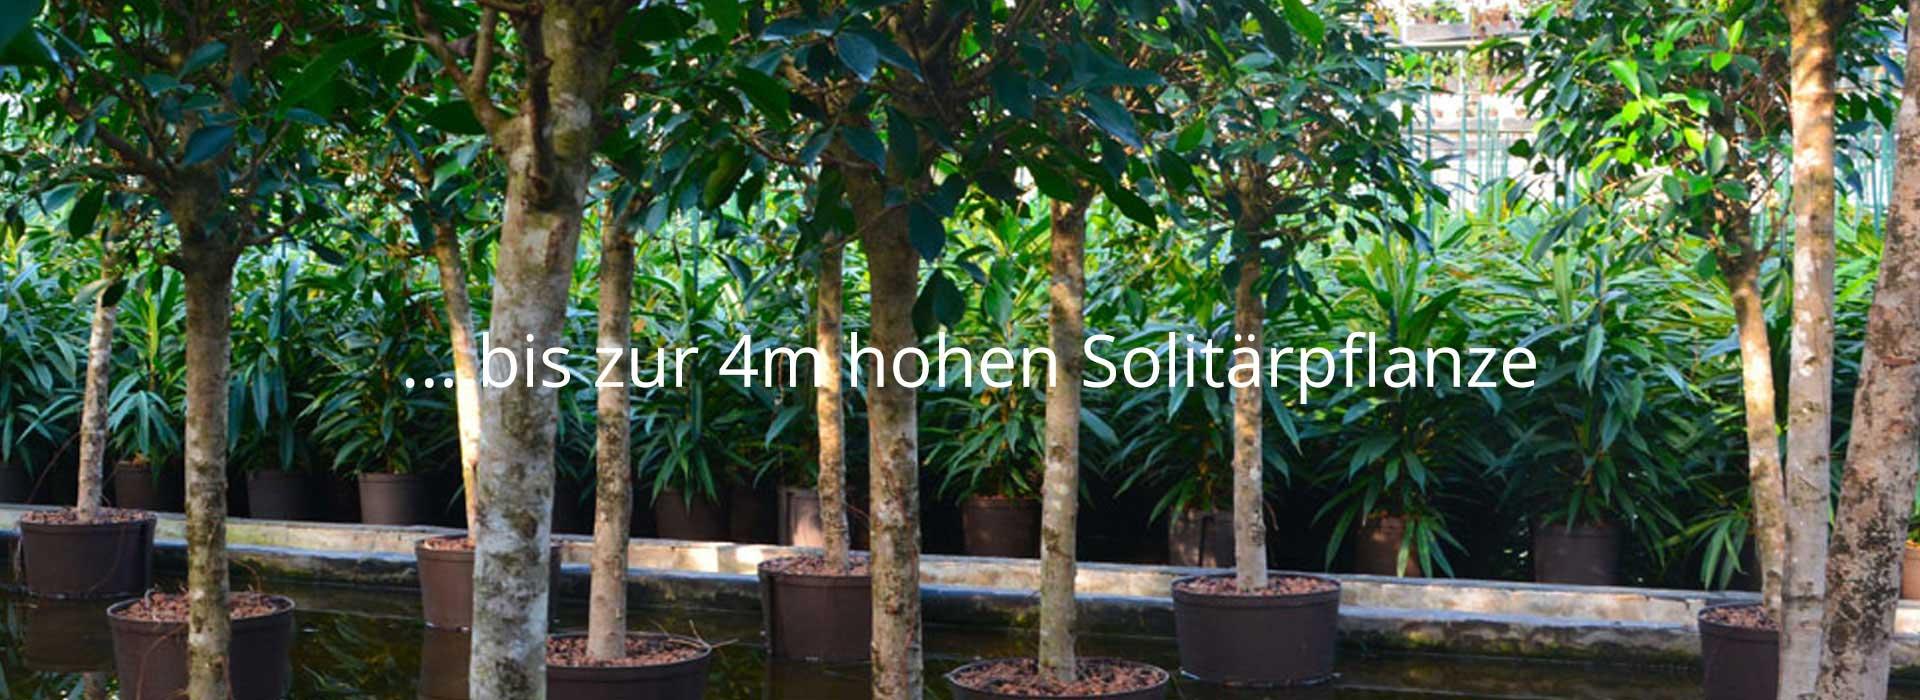 ... bis zur 4m hohen Solitärpflanze